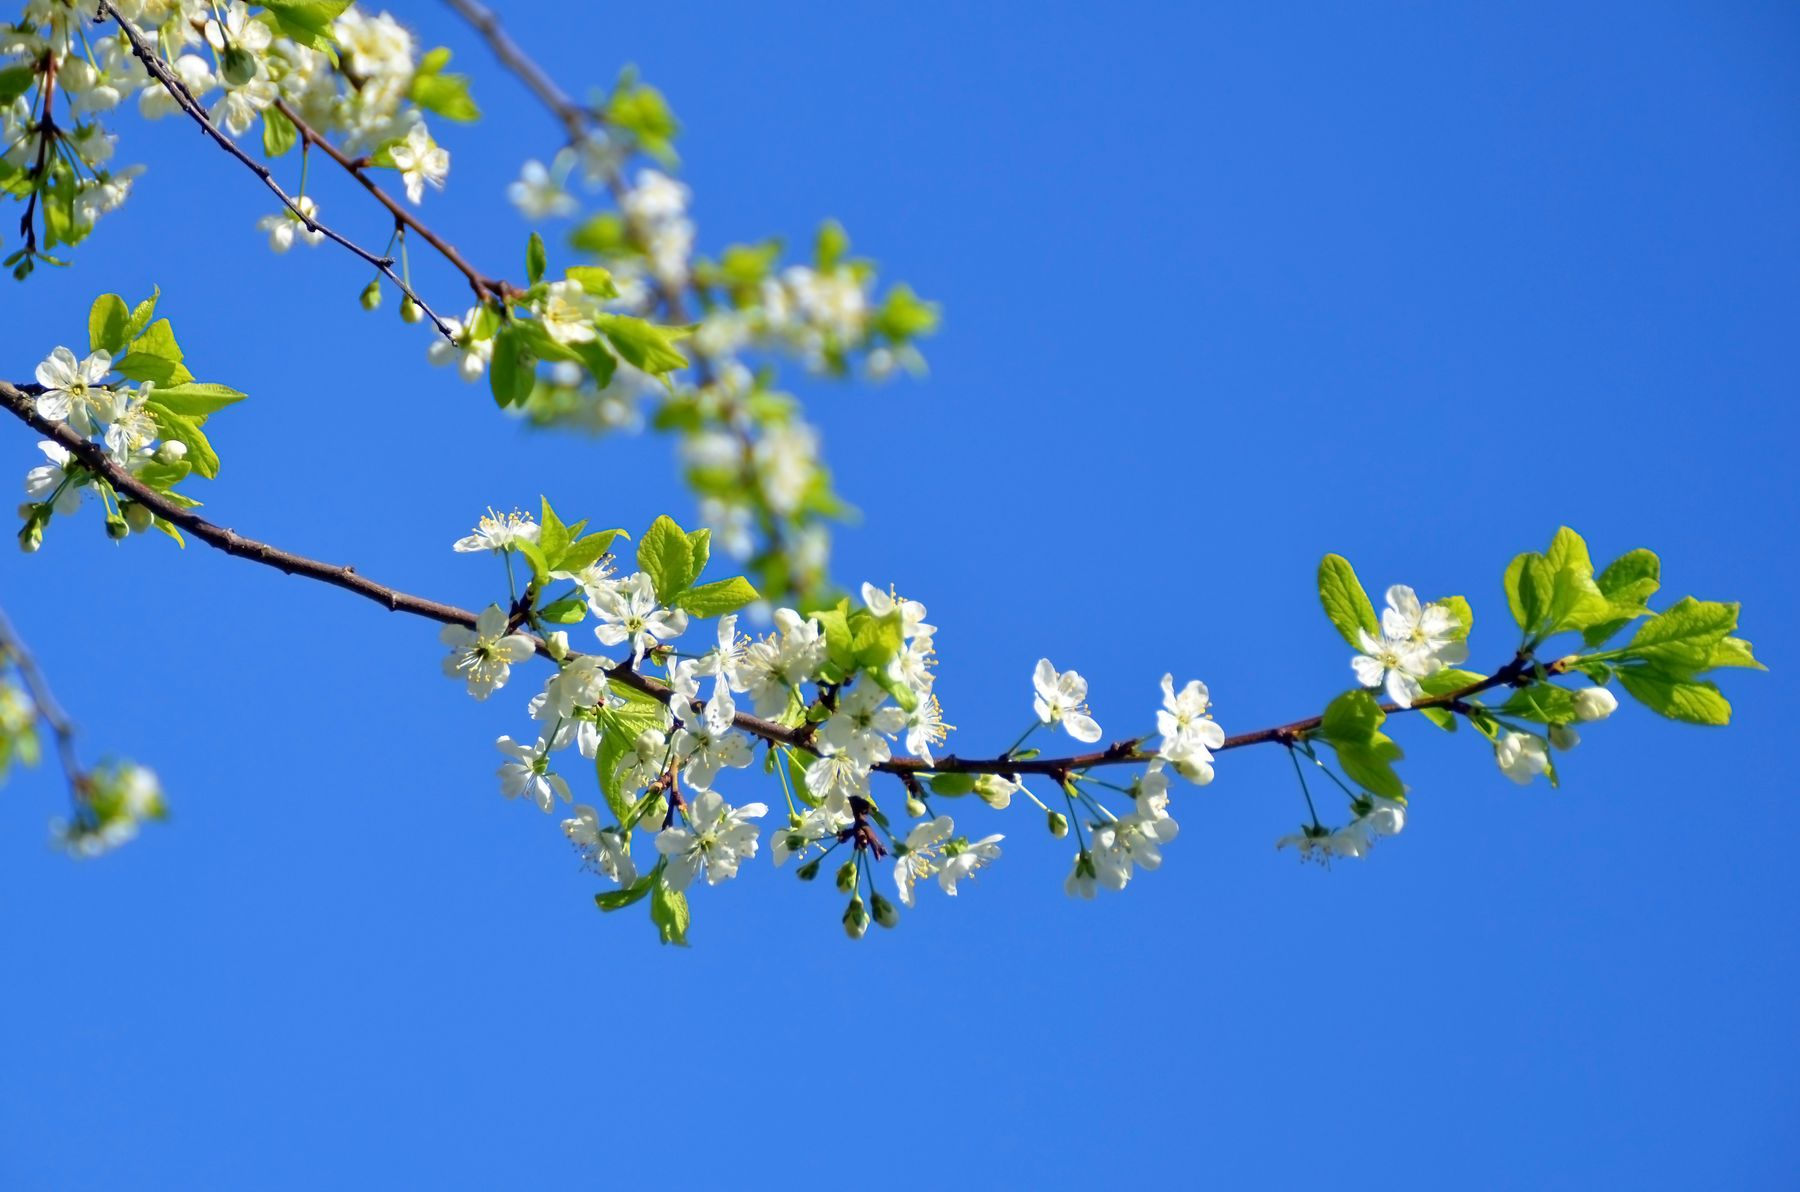 Ветка вишни ветка вишни цветы цветение весна